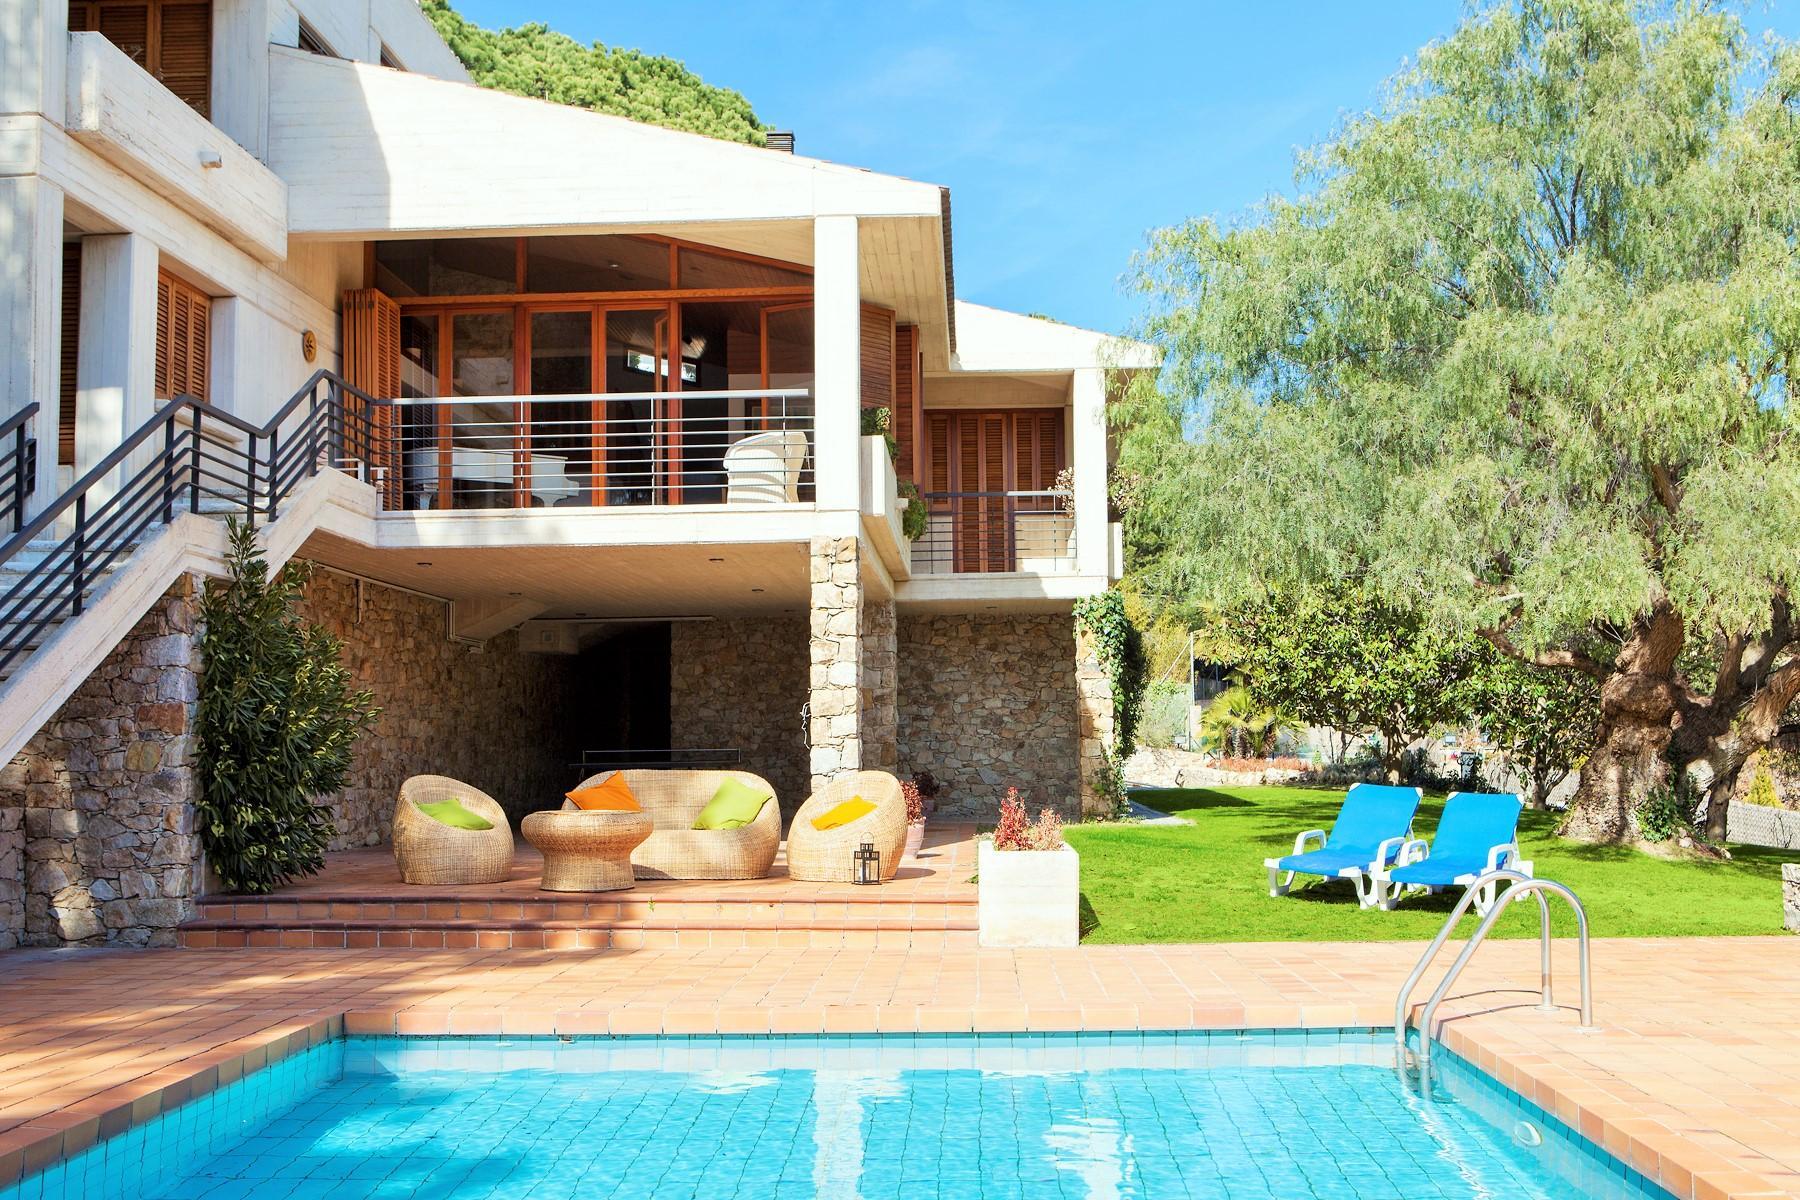 Jardin con piscina y barbacoa piscina ecolgica de sal ms beneficiosa para la salud que la - Casa rural con barbacoa ...